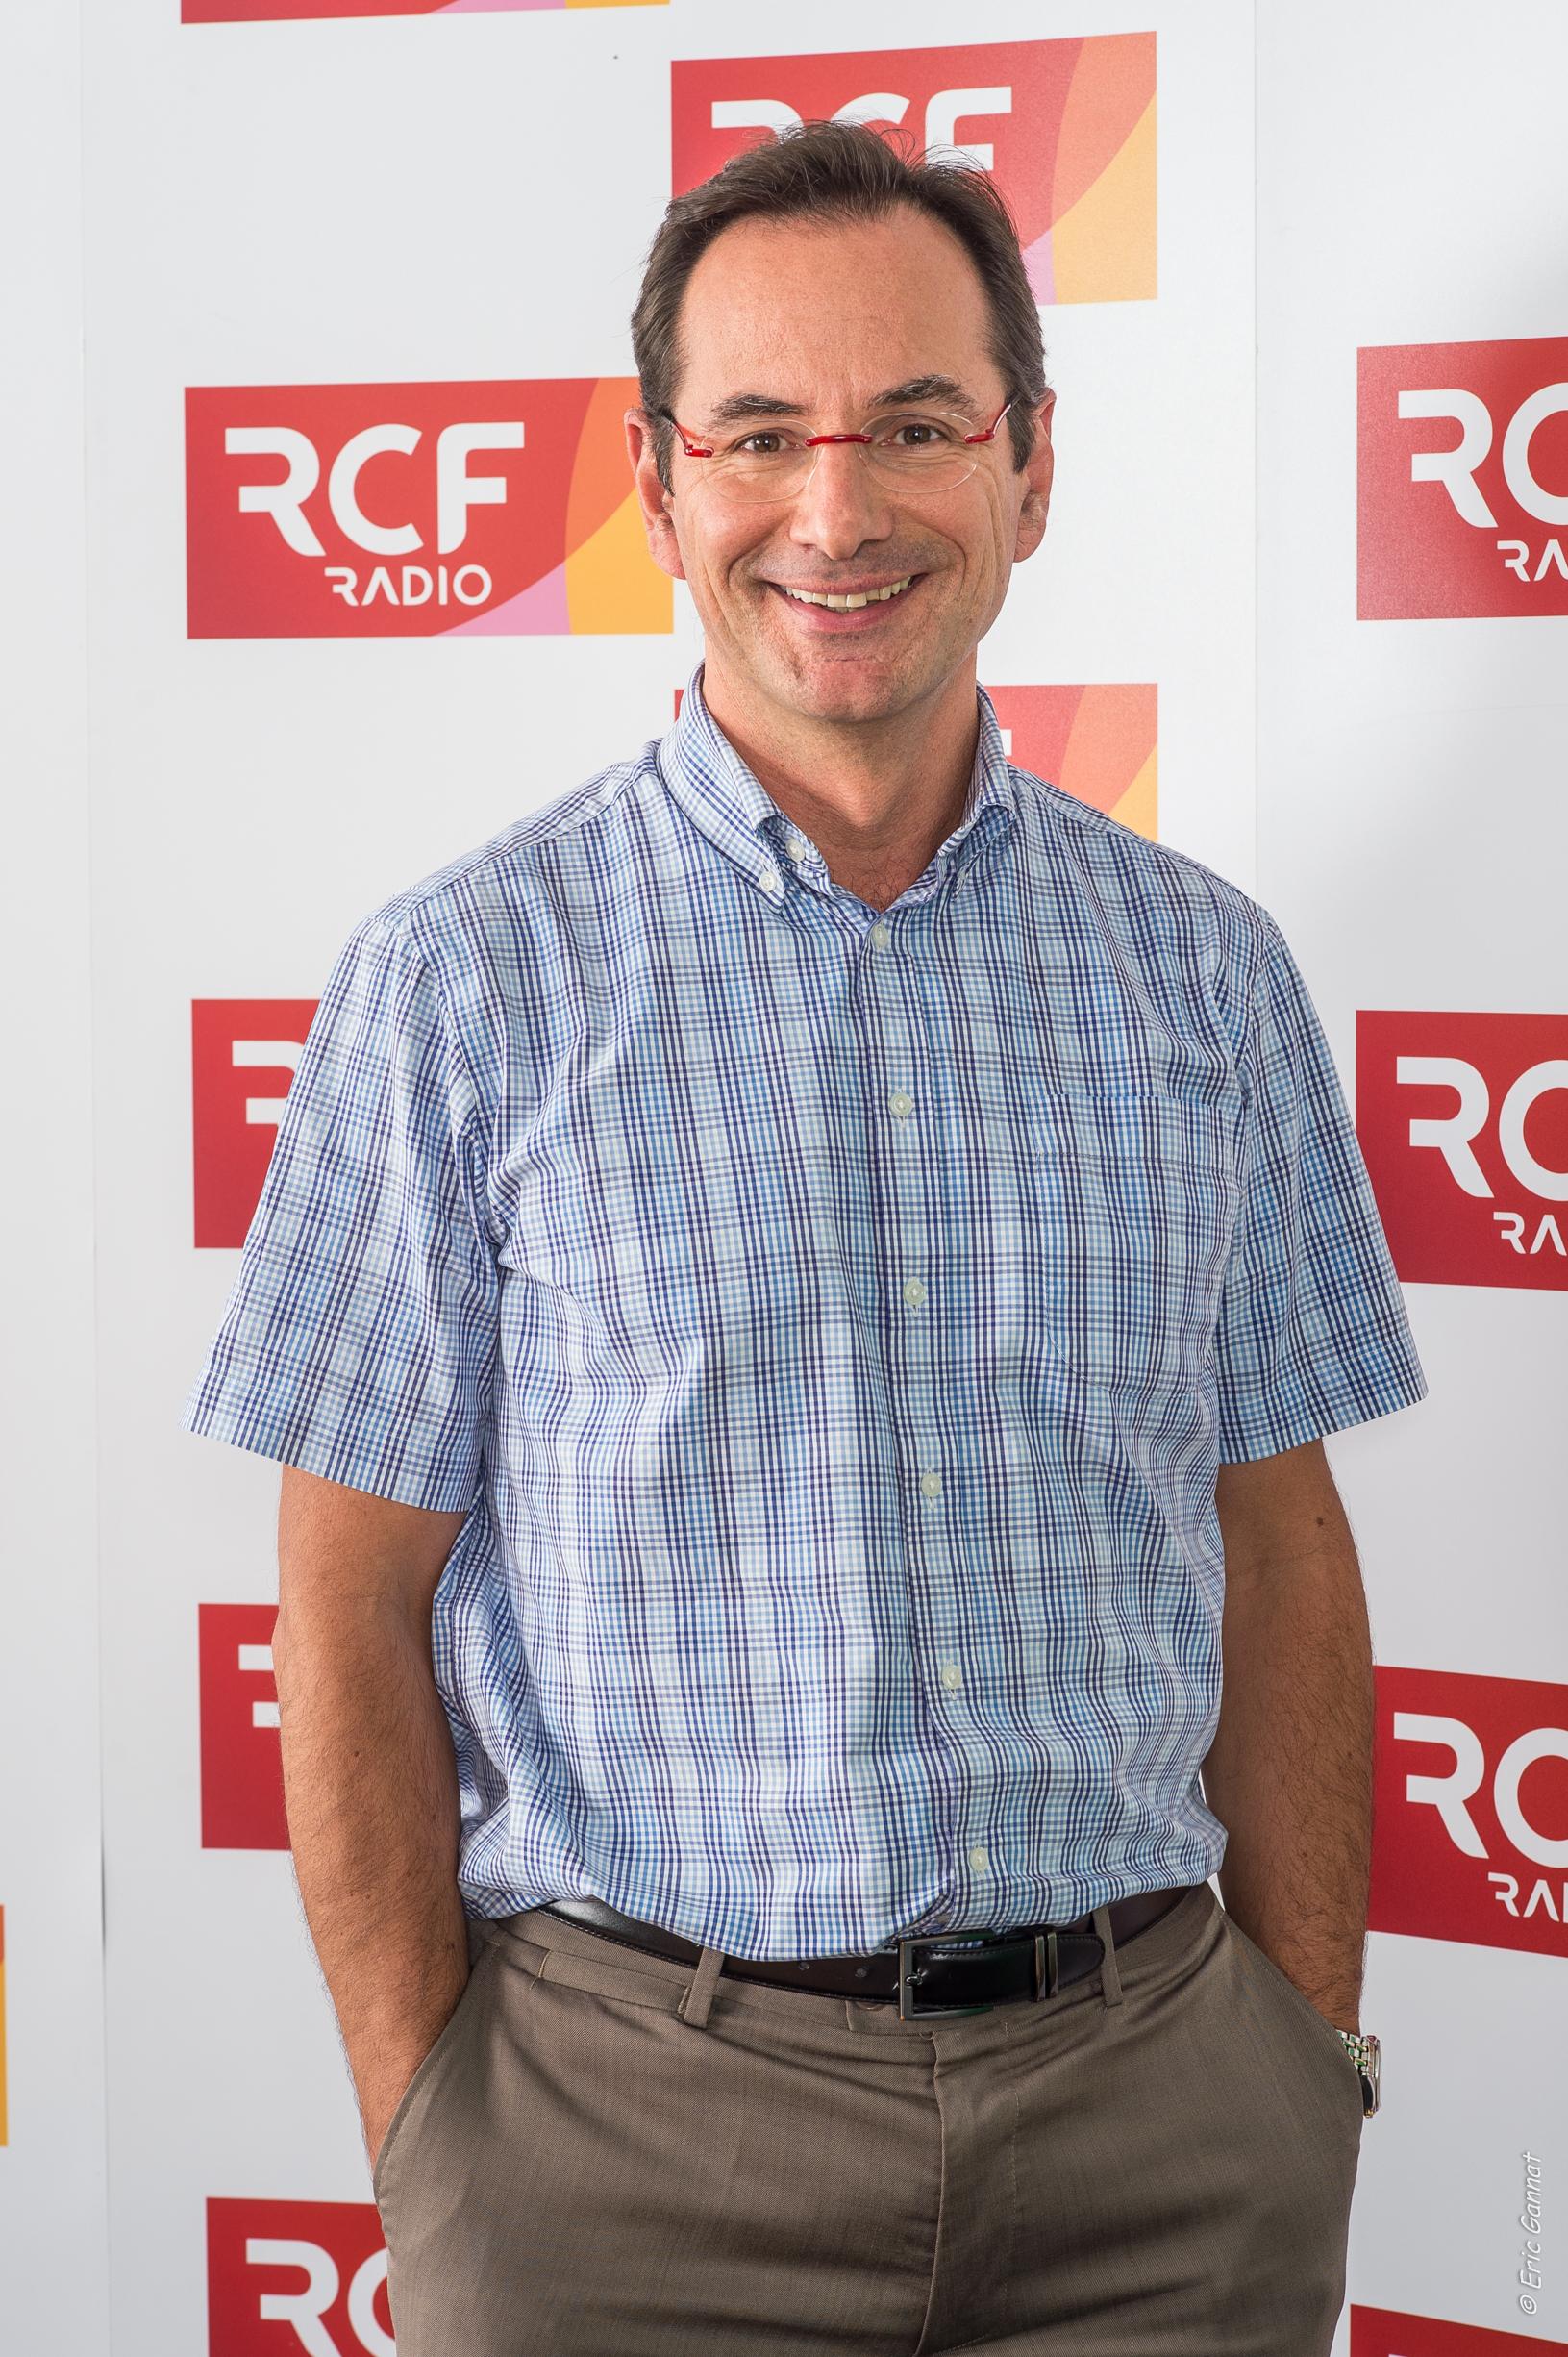 Laurent Dominici occupe le poste de directeur du développement du produit digital